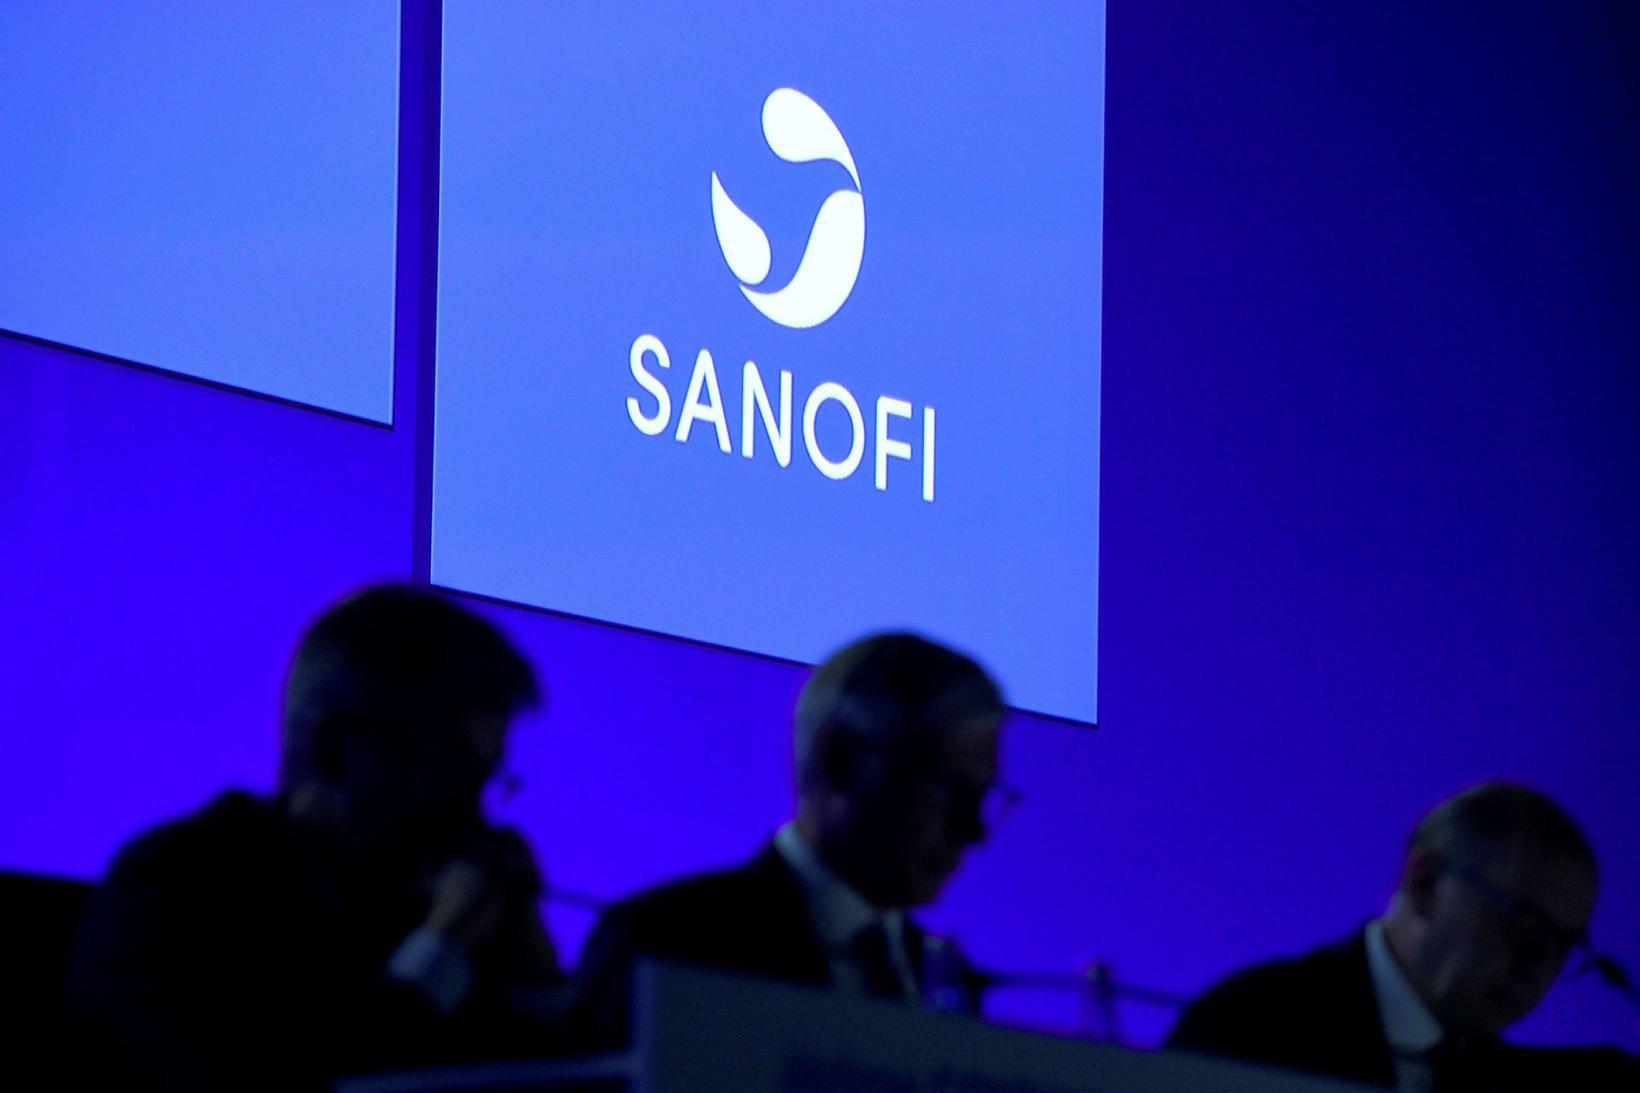 Franski lyfjarisinn Sanofi er eitt þeirra fyrirtækja sem keppast um …